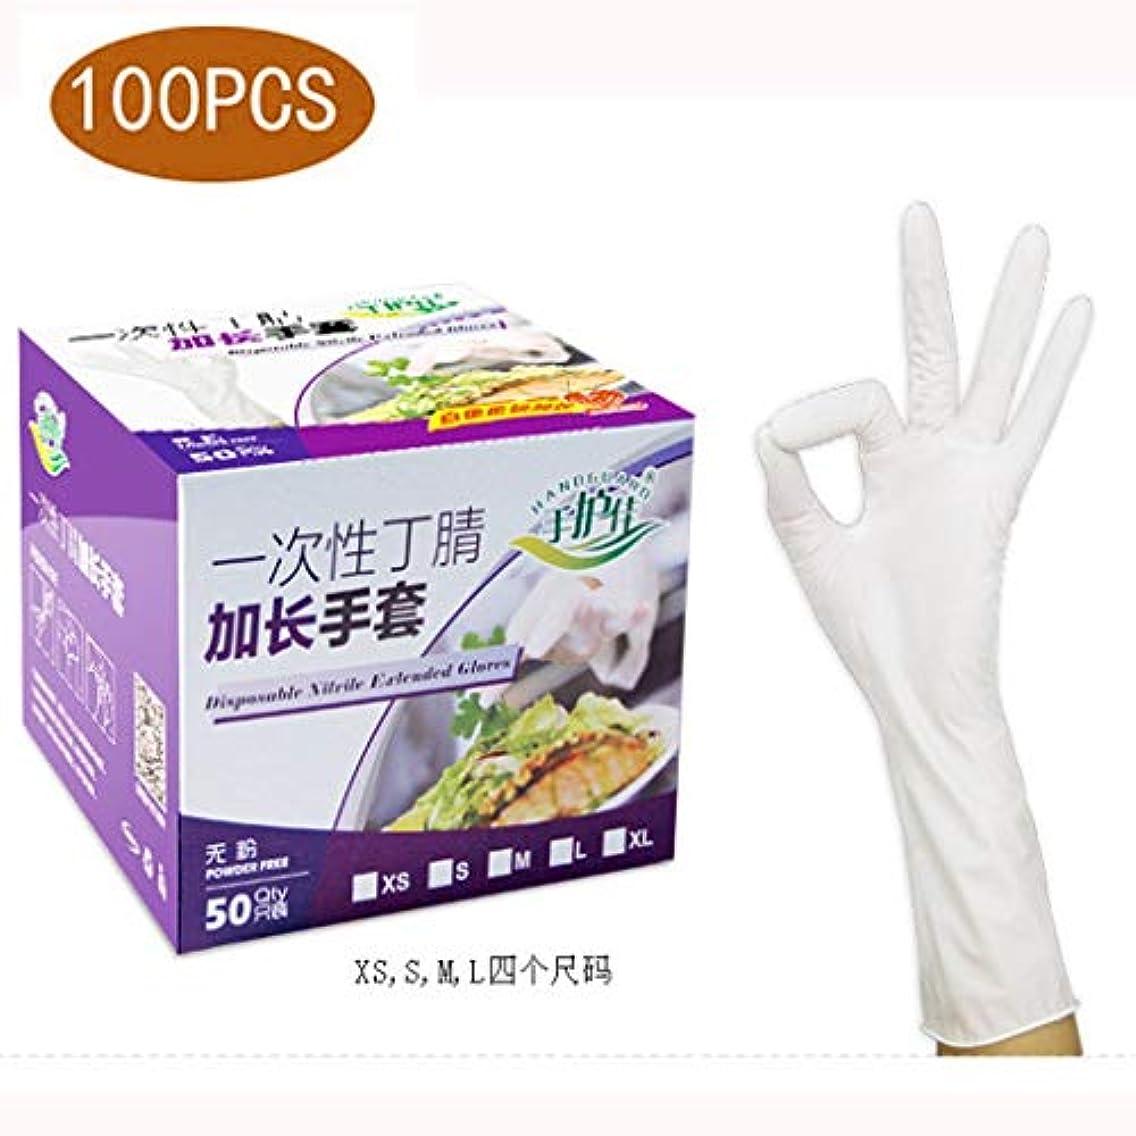 静める部分的コインニトリル手袋ビニール試験使い捨て手袋ゴム研究所労働保険と延長、5ミル、ゴム労働保護美容院ラテックスフリー、パウダーフリー、両手利き、100個 (Size : L)